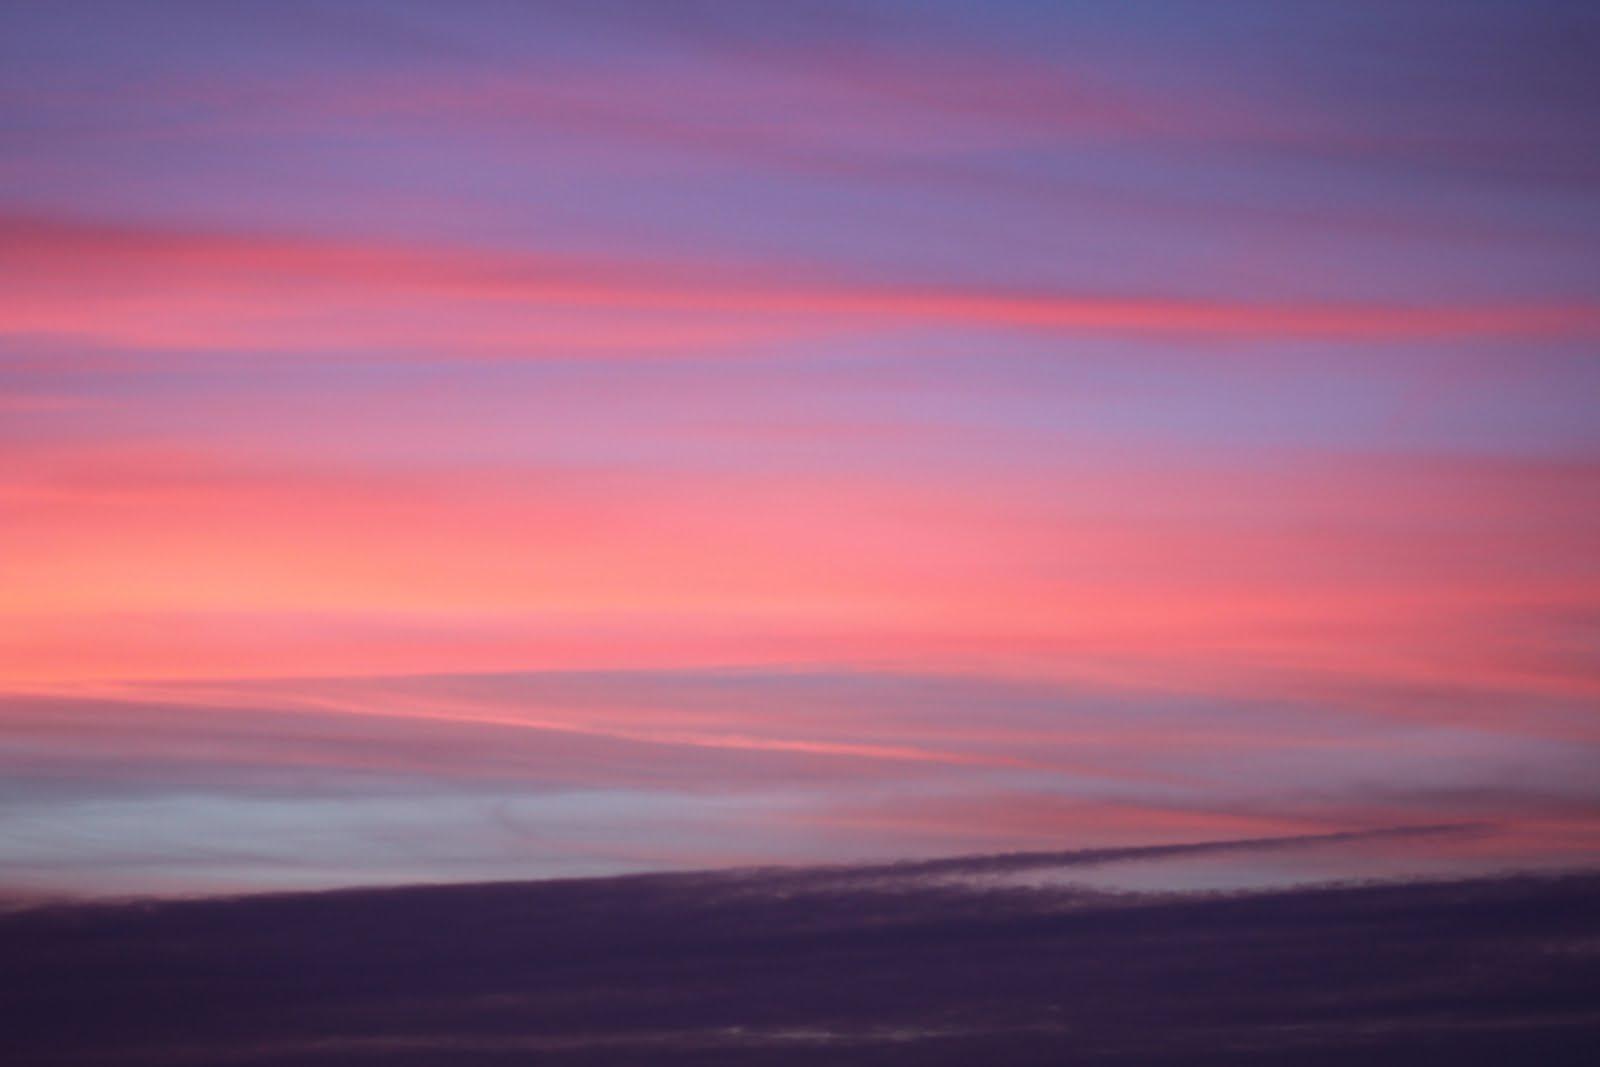 Coucher de soleil chez anne laure t - Coucher de soleil rose ...